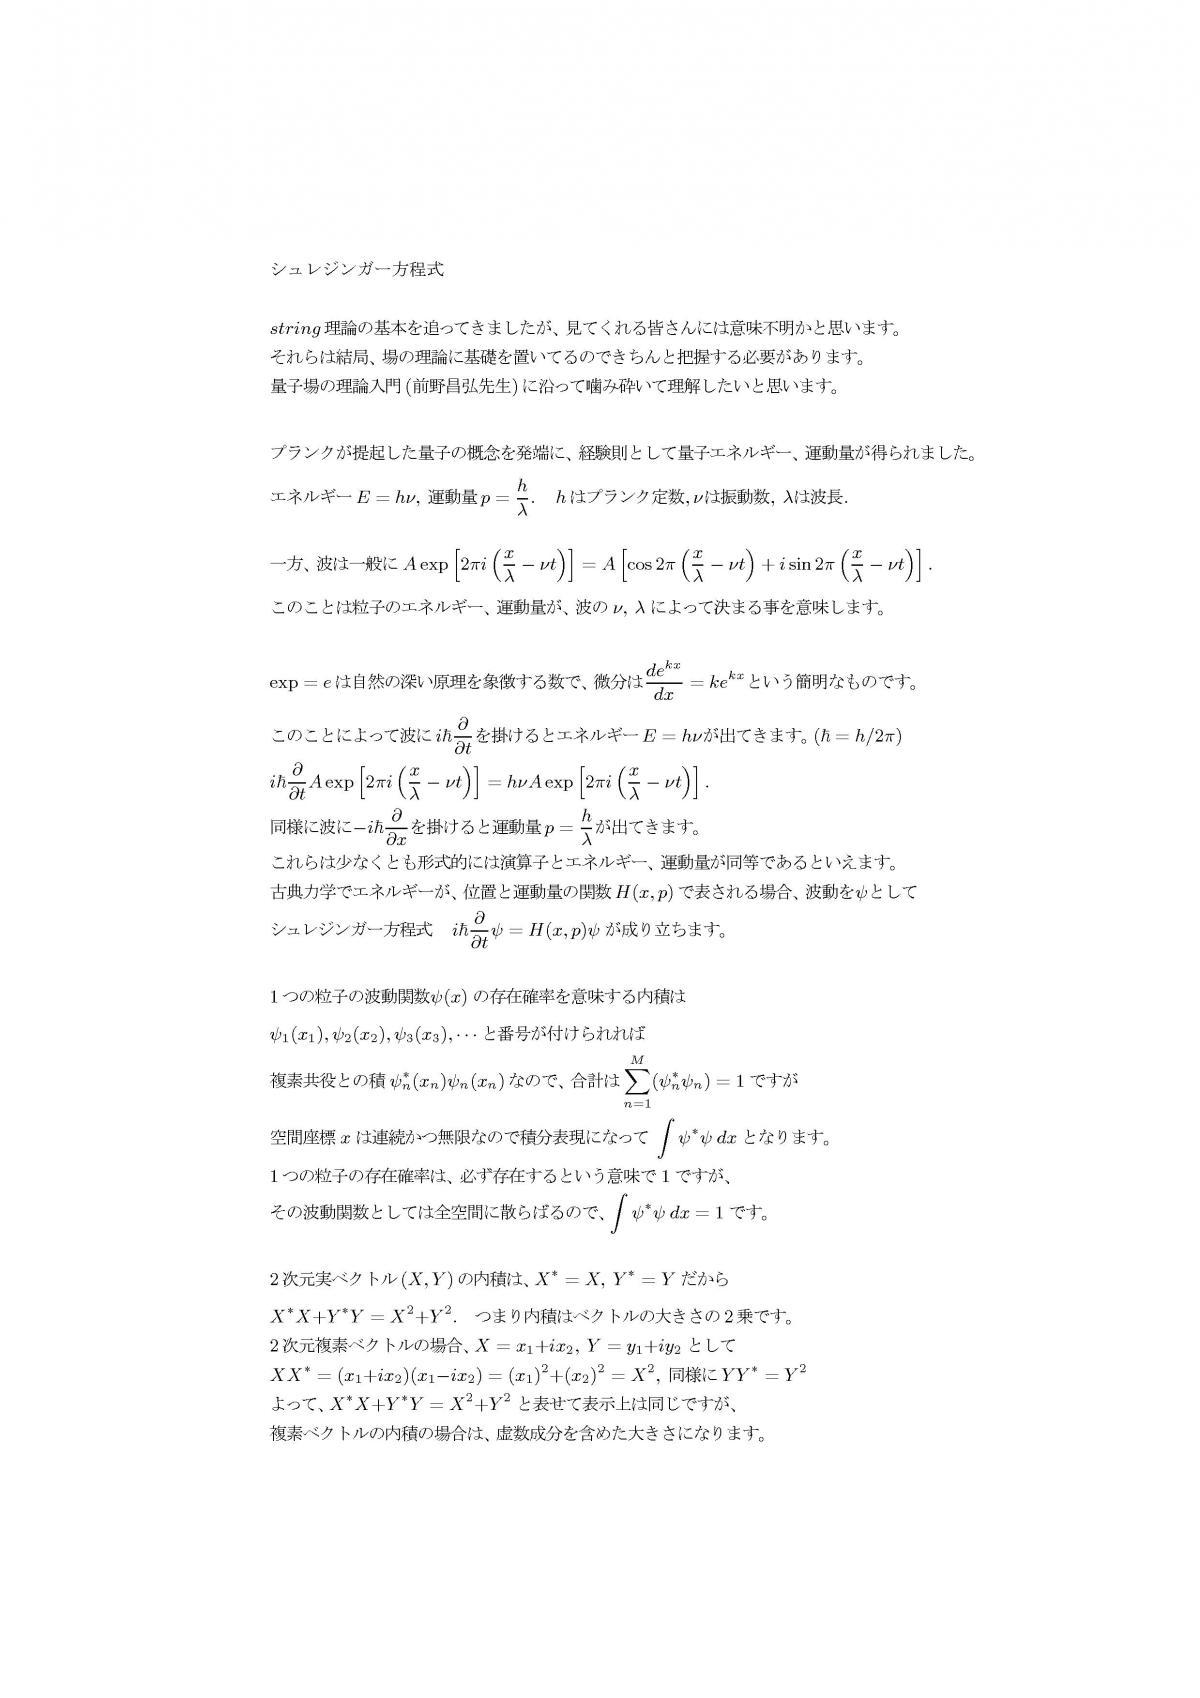 fgen01.jpg